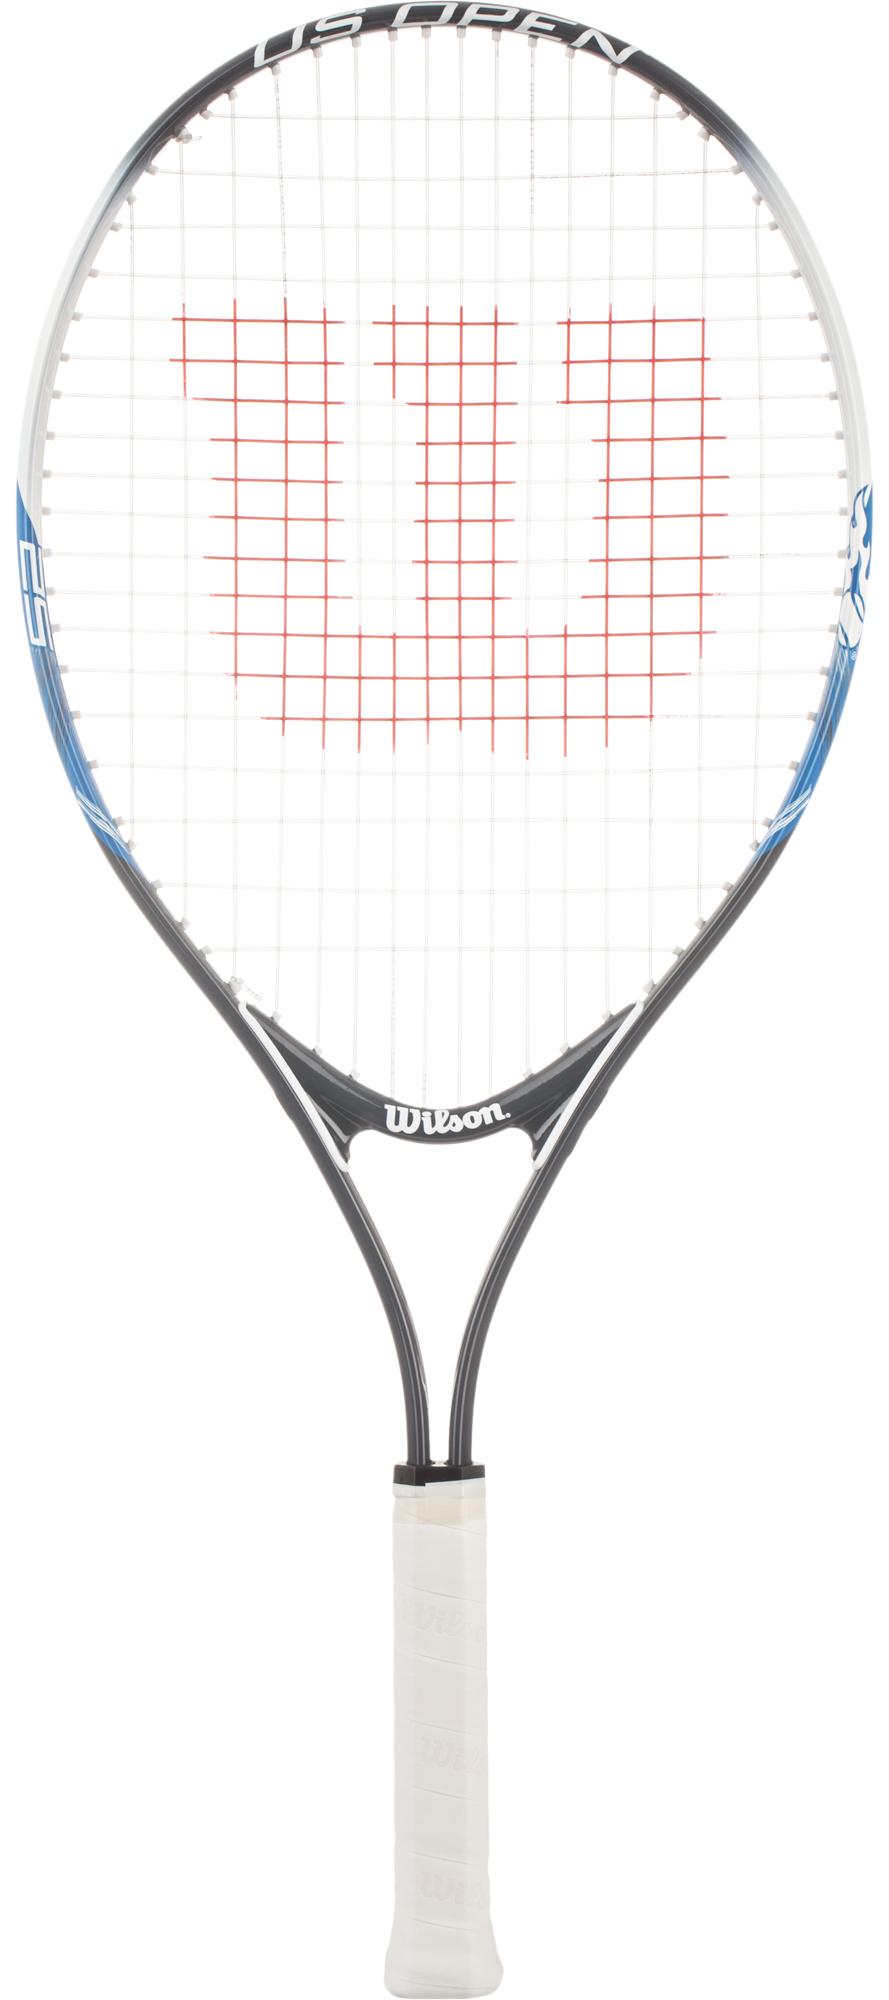 Wilson Ракетка для большого тенниса детская Wilson US Open 25 wilson ракетка для большого тенниса детская wilson roger federer 23 размер без размера